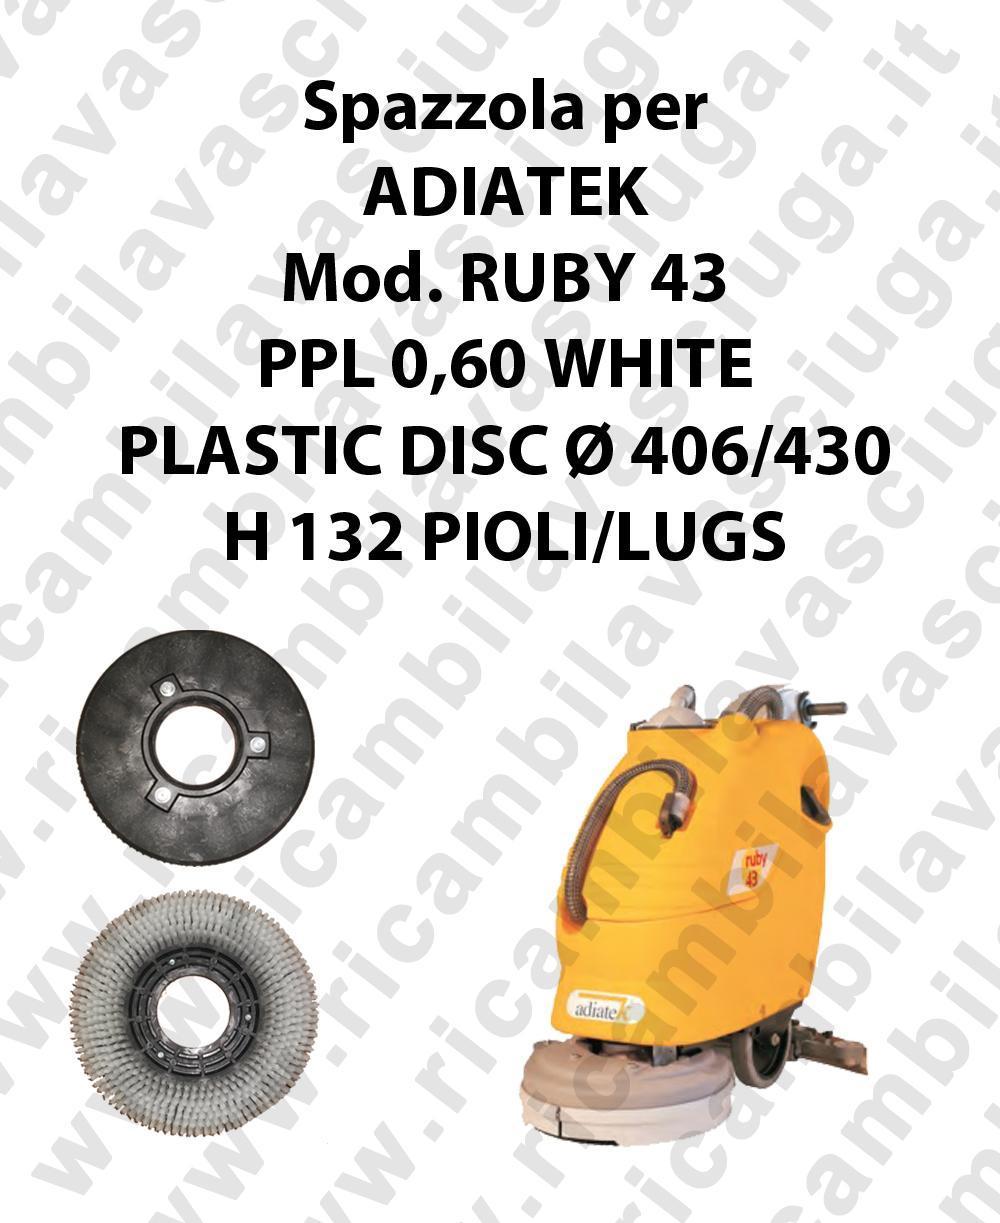 Cleaning Brush PPL 0,60 WHITE for scrubber dryer ADIATEK Model RUBY 43